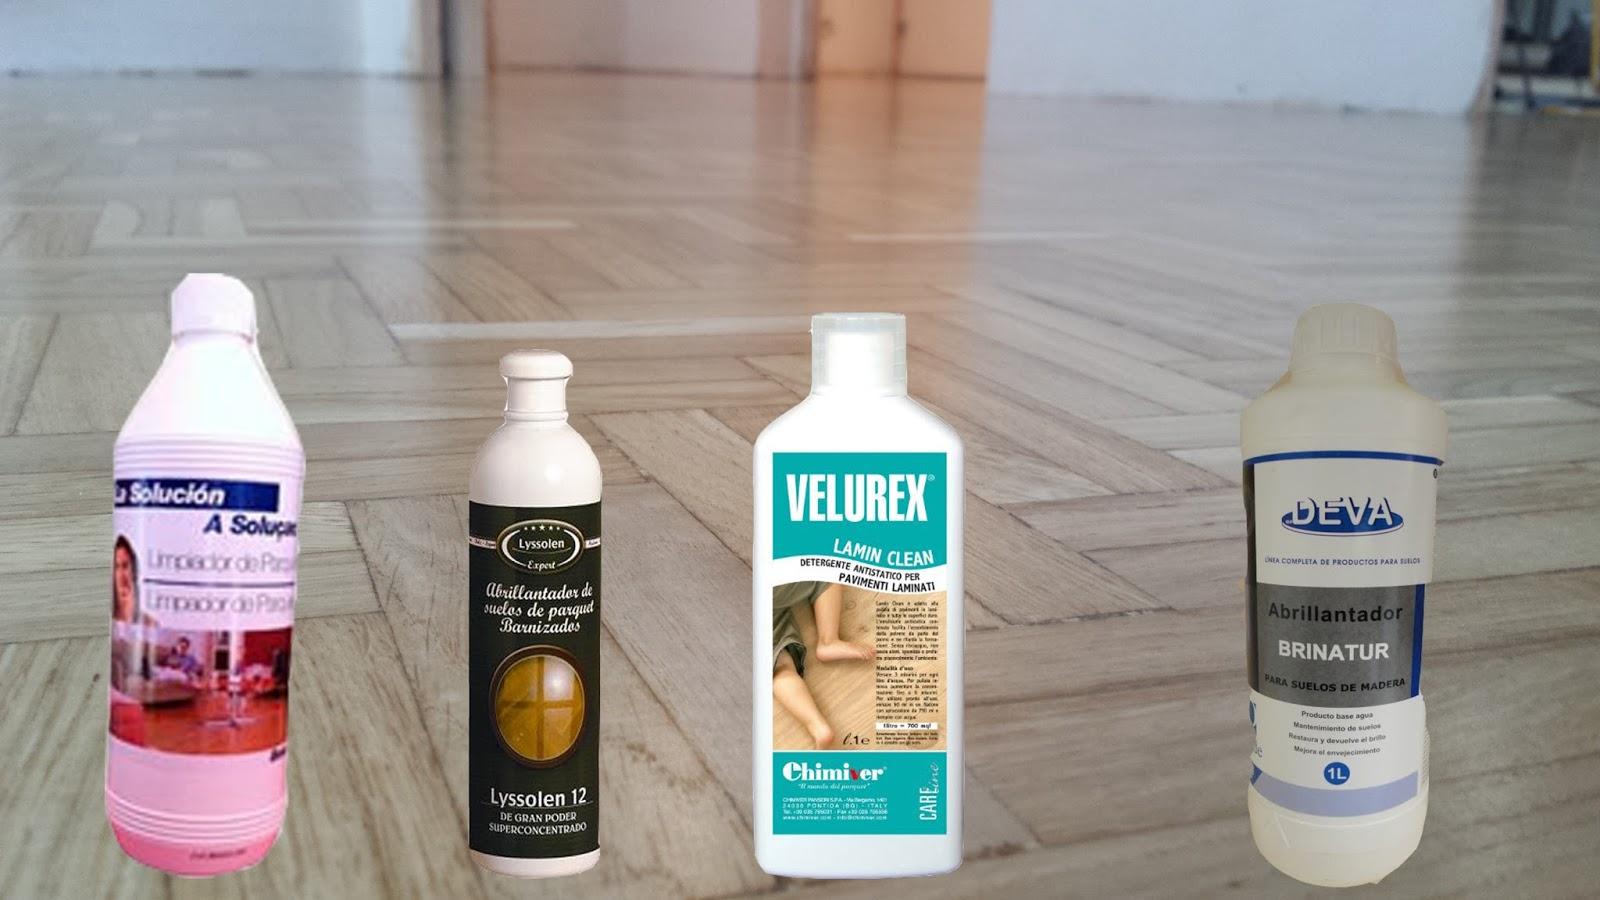 Limpiar parquet con vinagre cmo limpiar y cuidar los suelos de madera maciza with limpiar - Productos para parquet ...